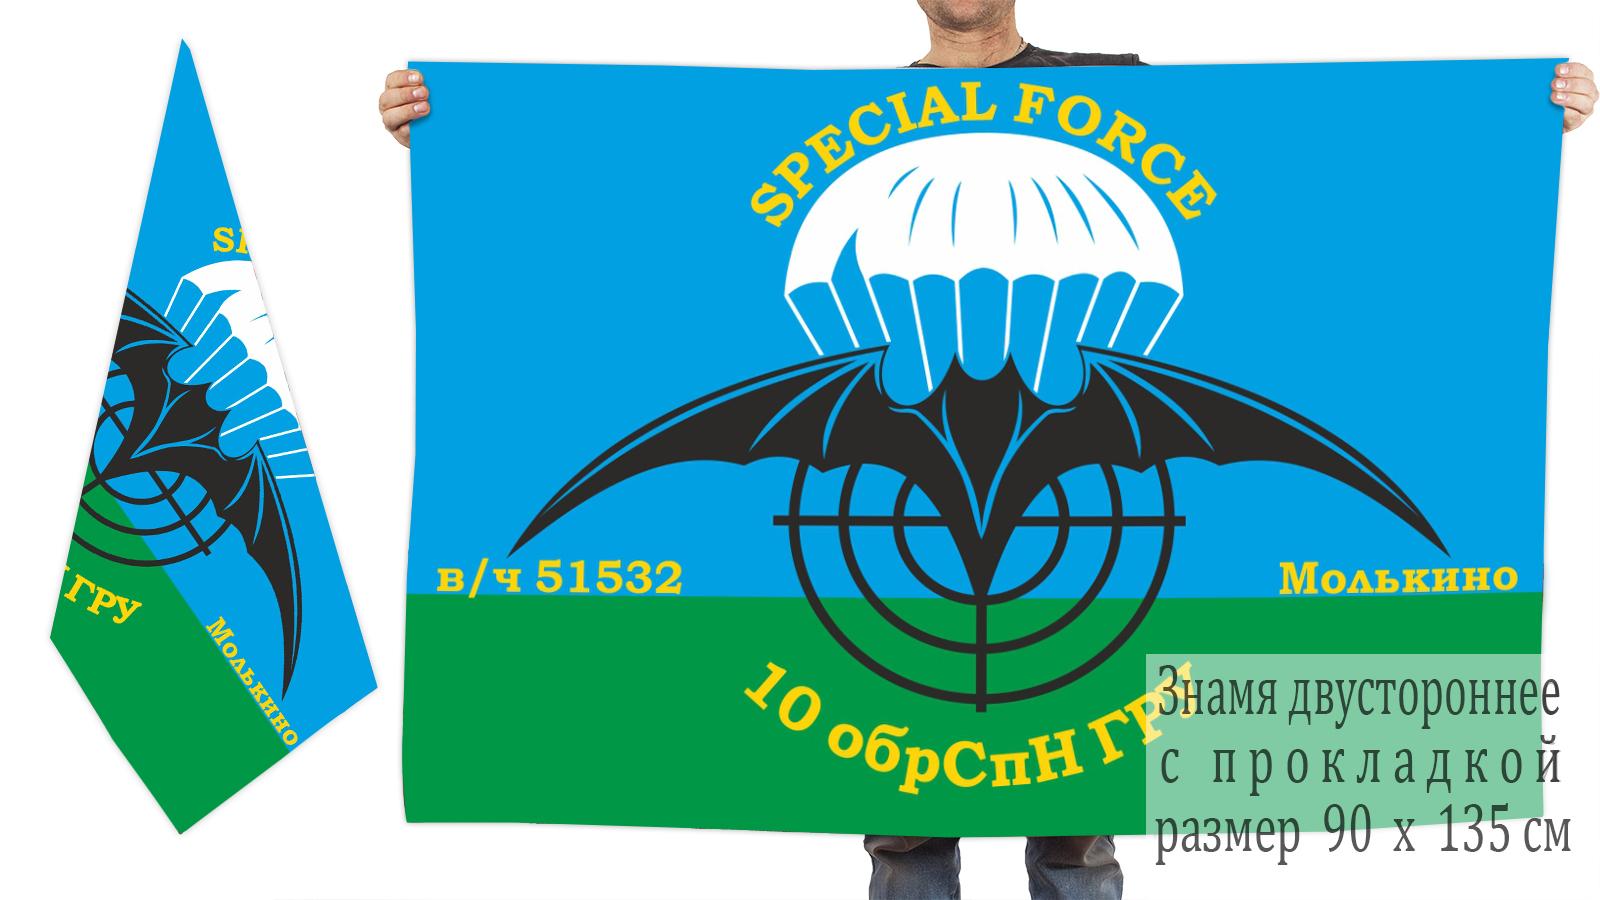 Двусторонний флаг 10 ОБрСпН ГШ ВС РФ